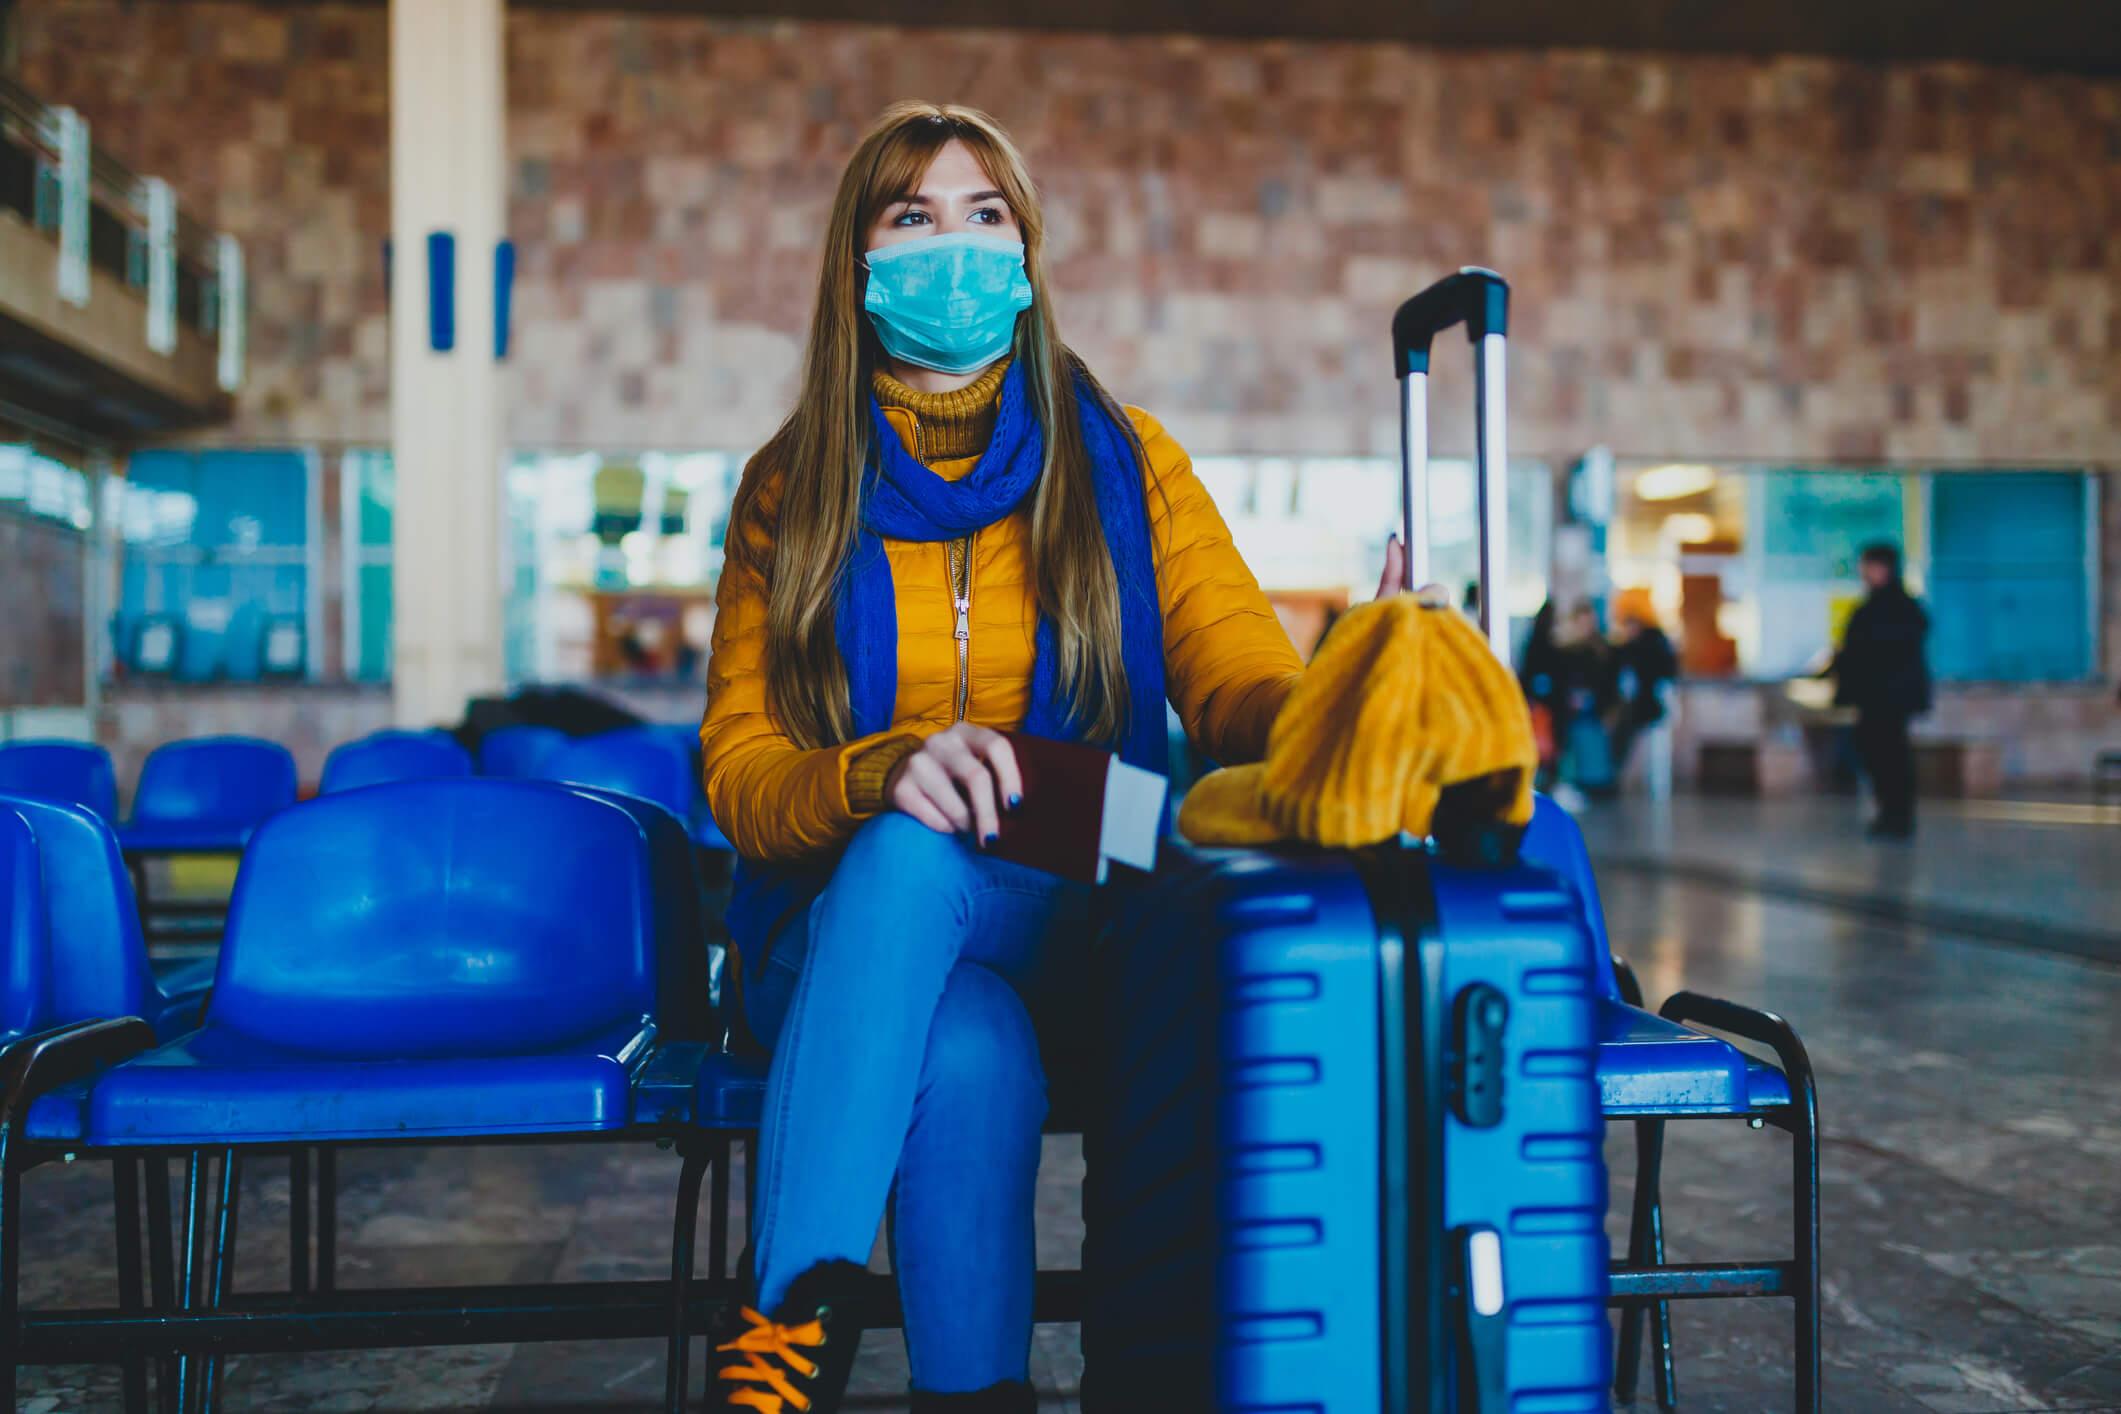 voyage coronavirus